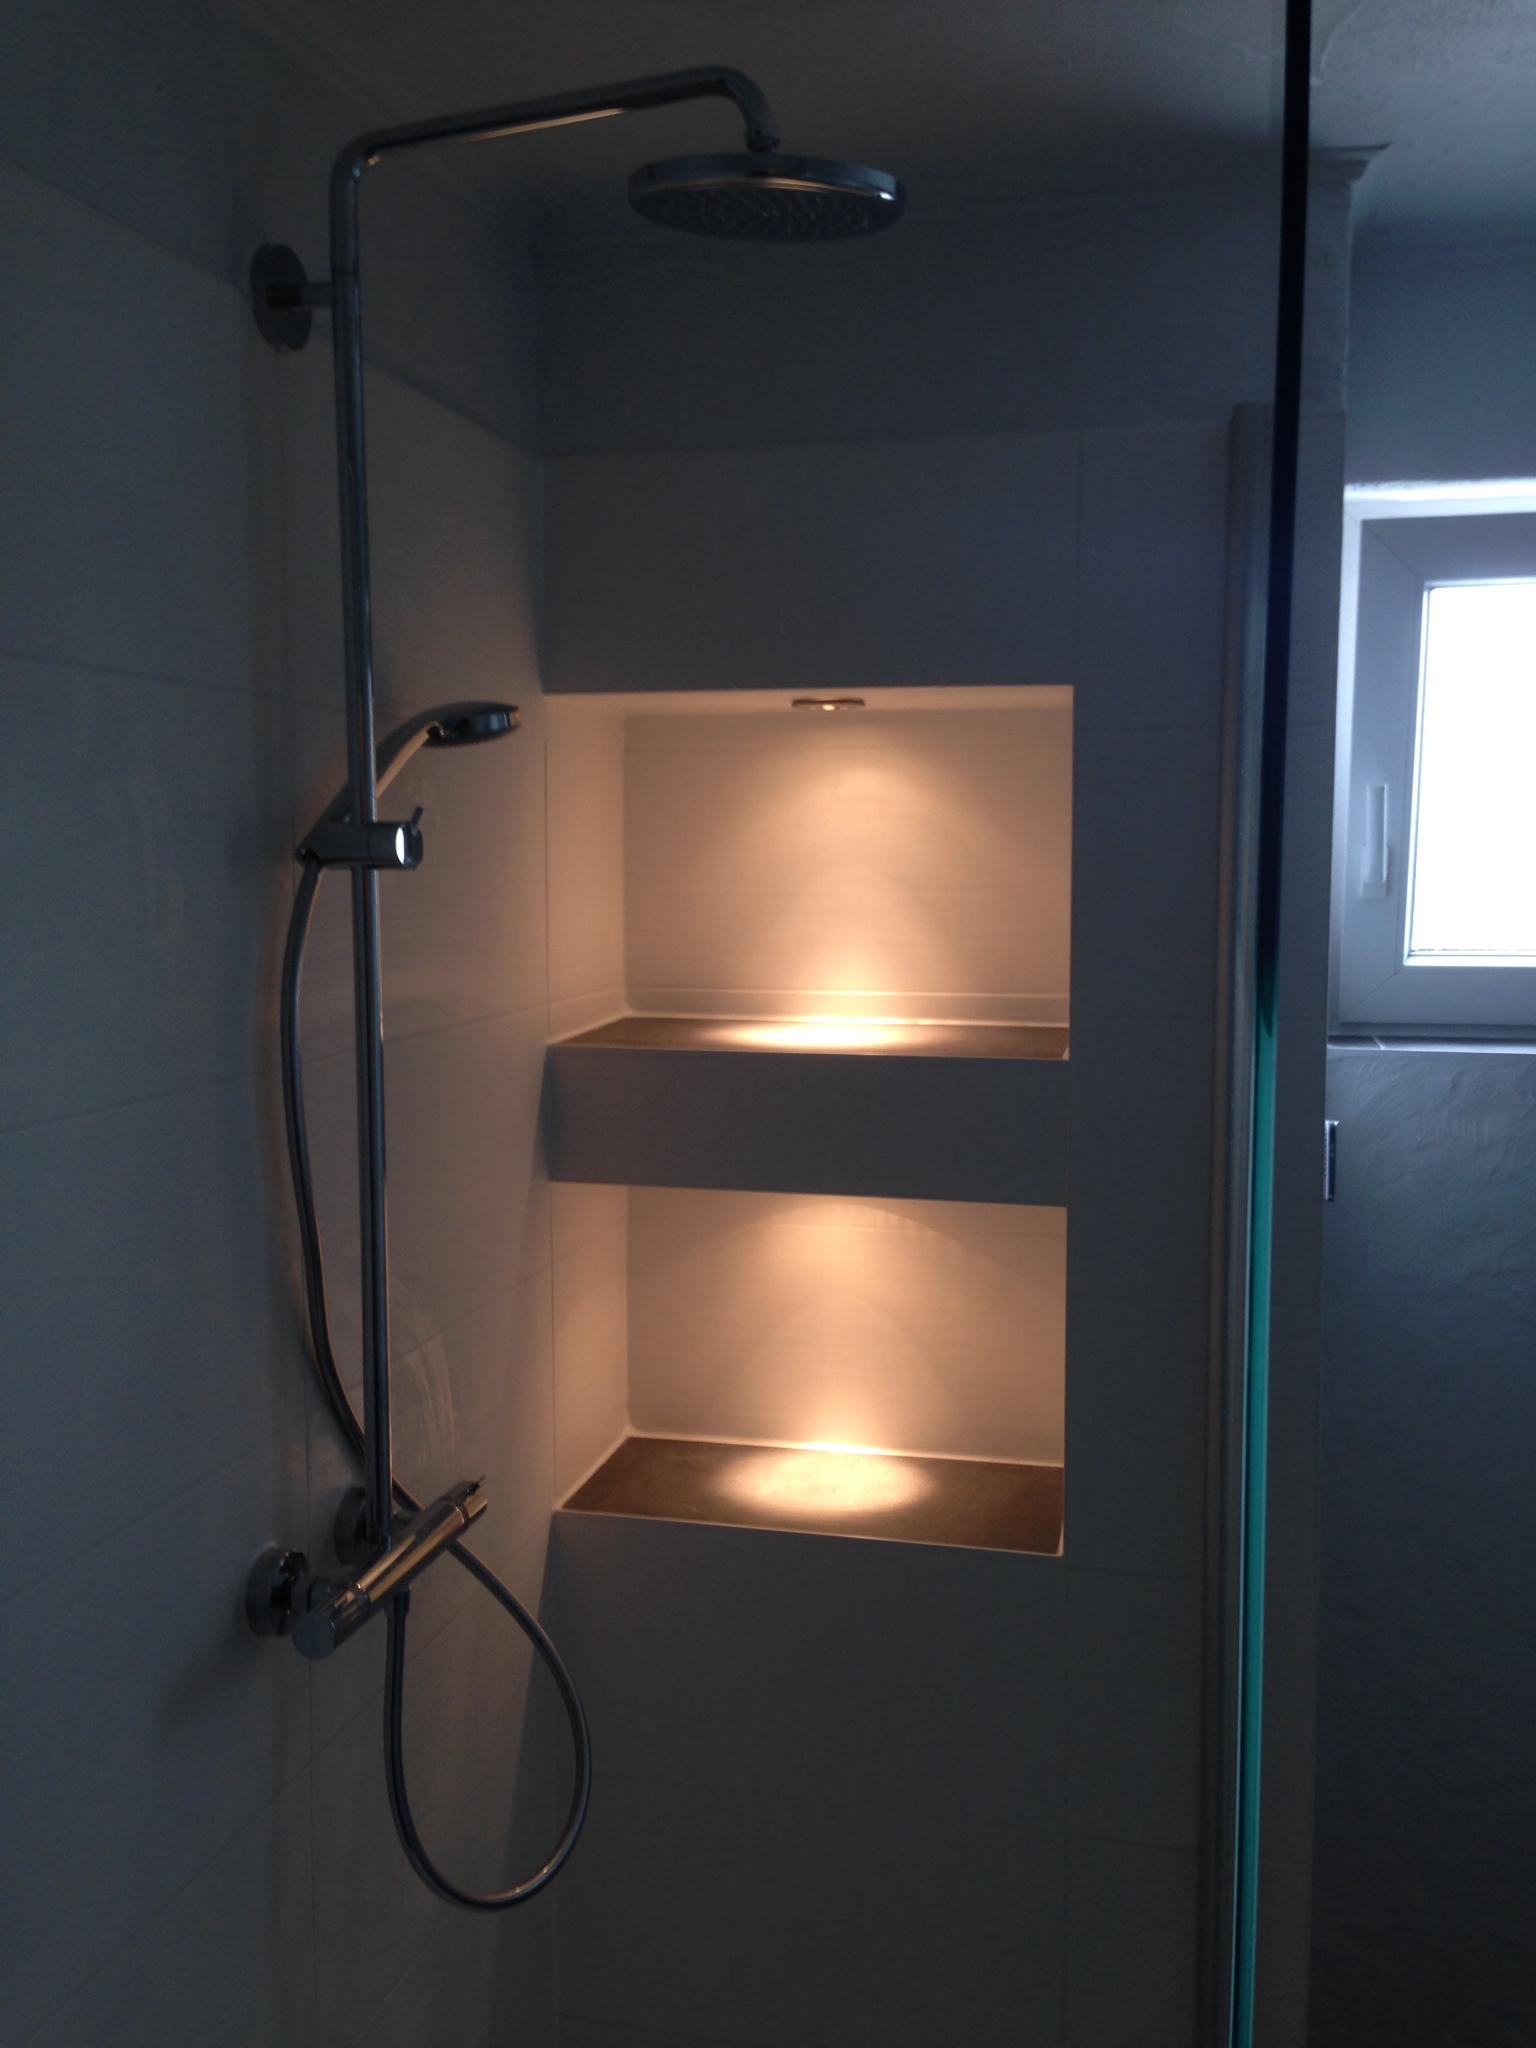 Begehbare Dusche nach Renovierung